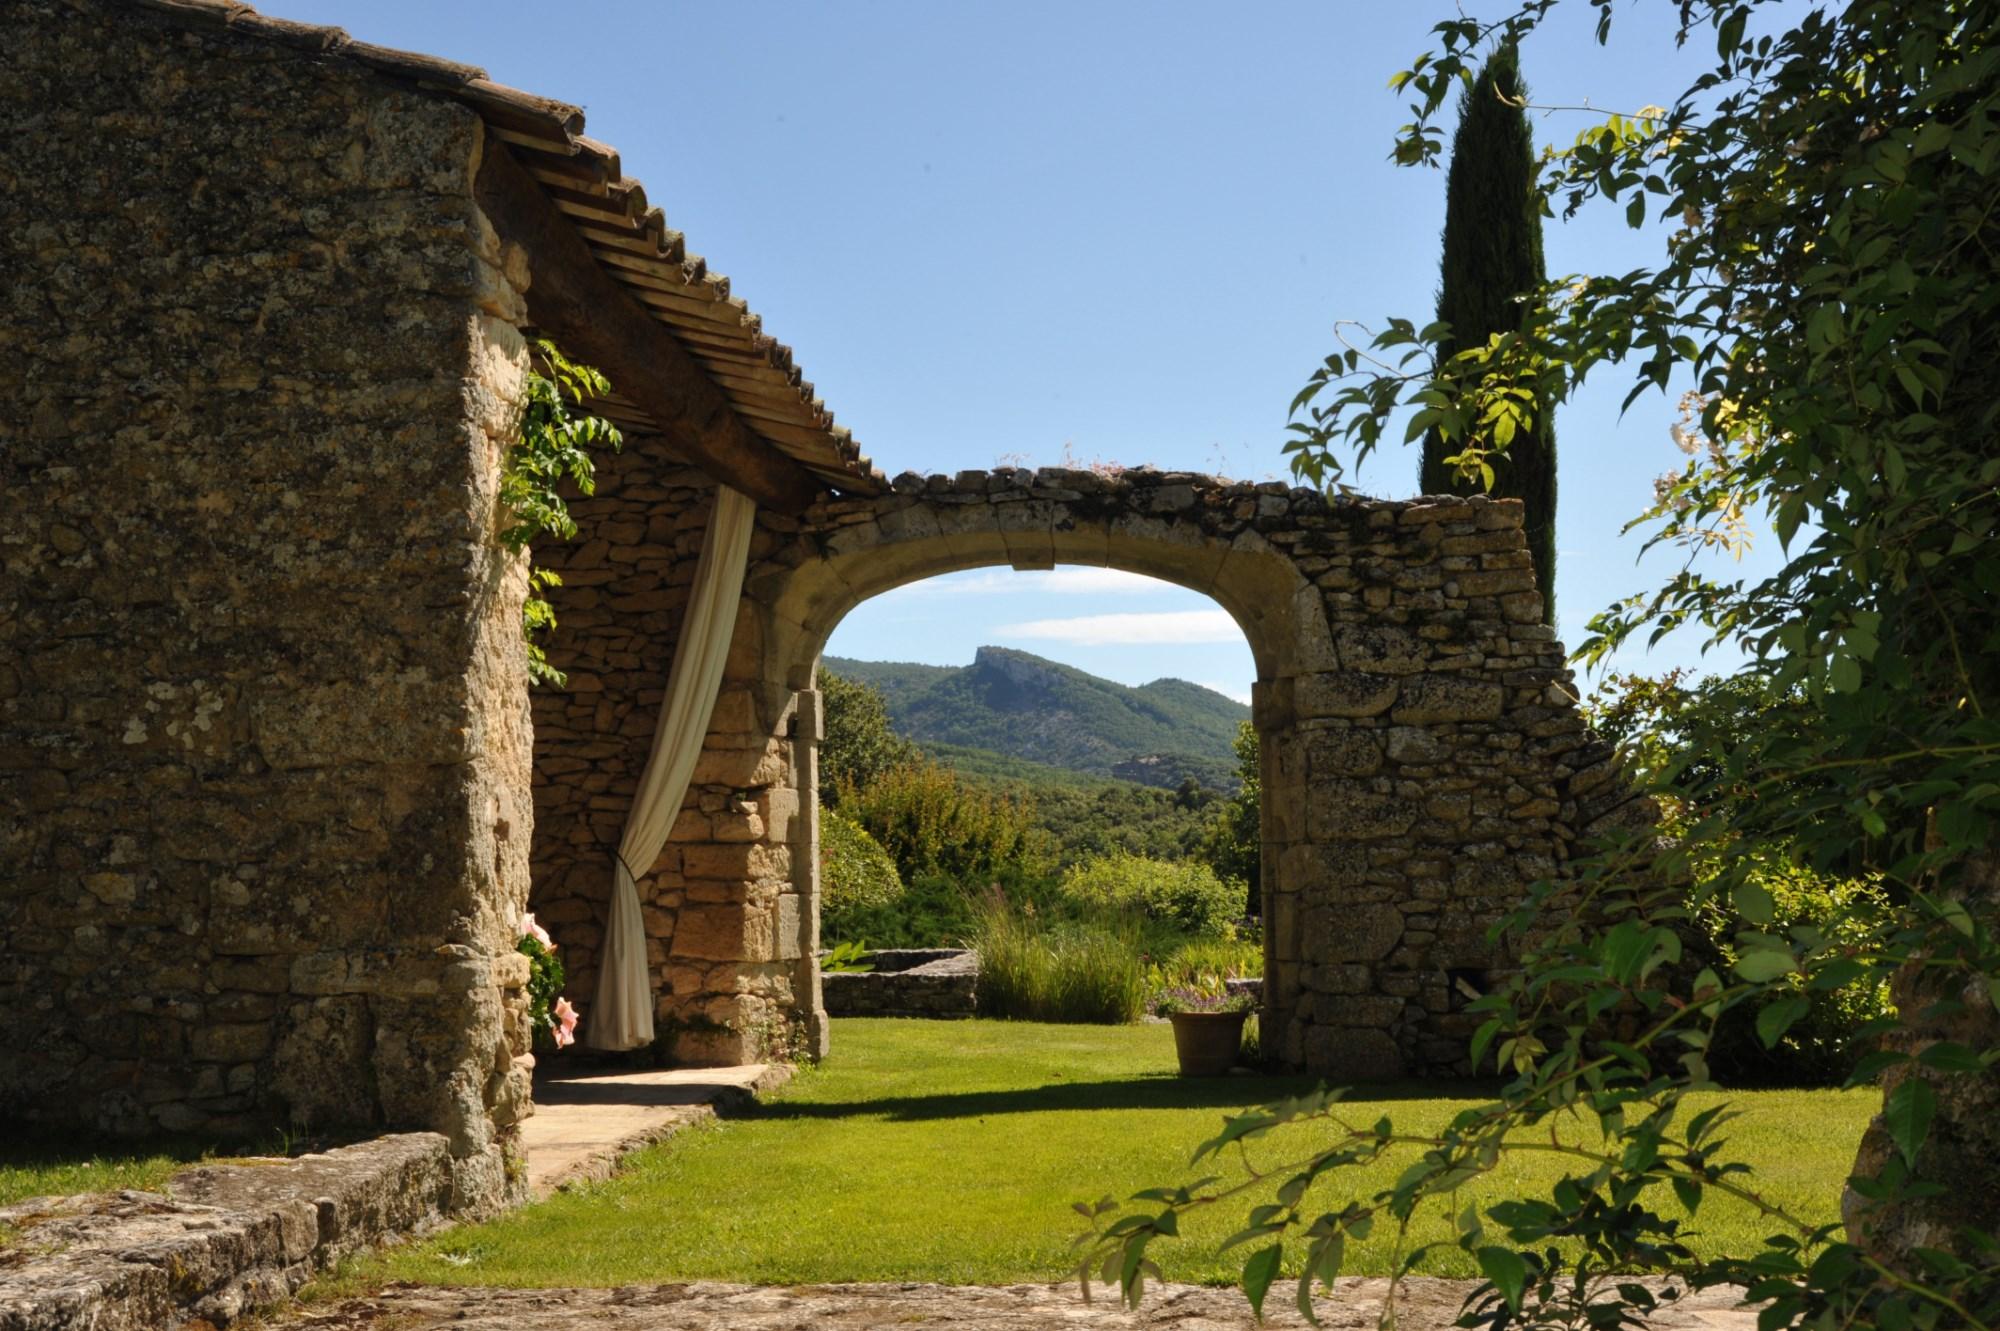 A vendre, en Luberon,  propriété d'artiste, avec maison d'amis,  maison de gardiens, piscine et tennis sur 35 hectares